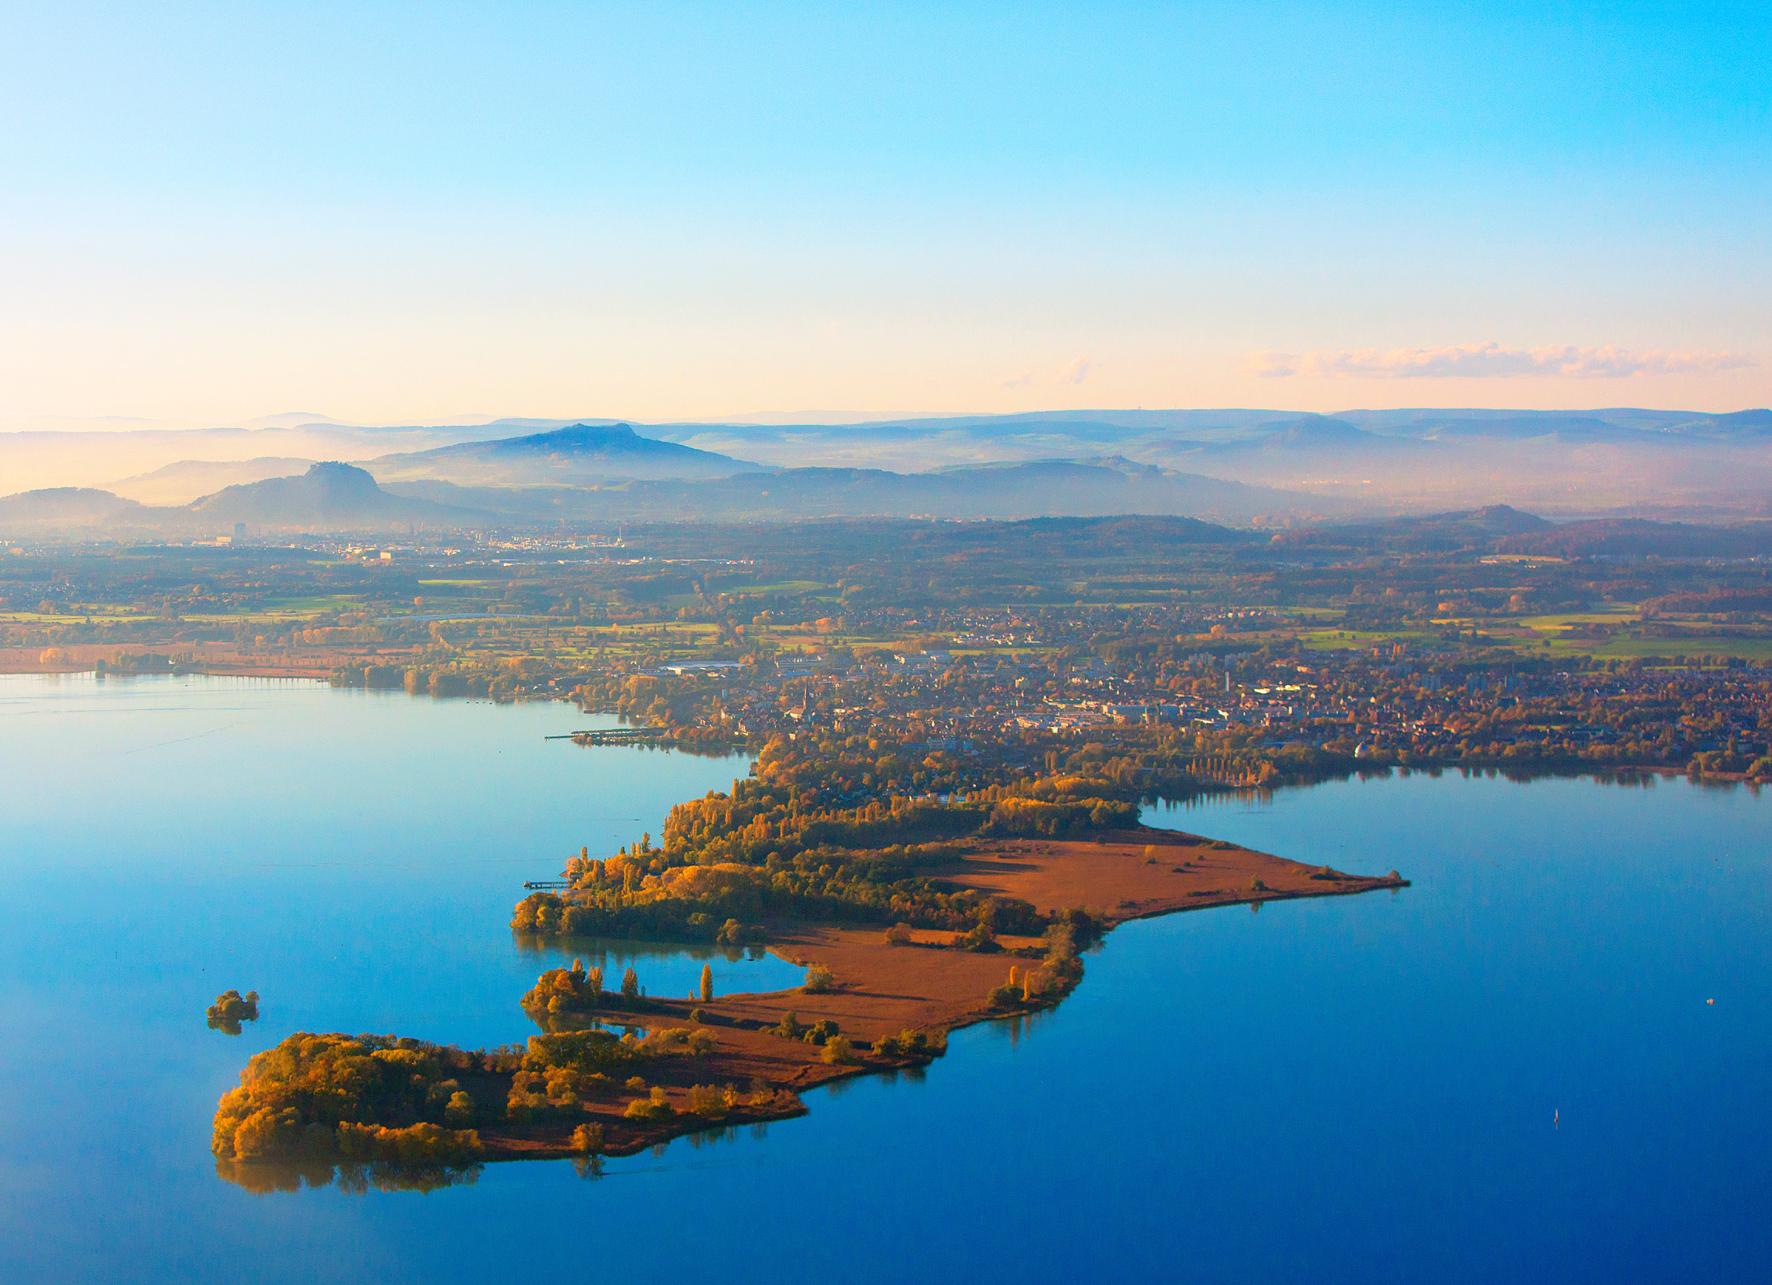 Westlicher Bodensee_Halbinsel Mettnau_Nachweis REGIO Konstanz-Bodensee-Hegau e. V. Achim Mende